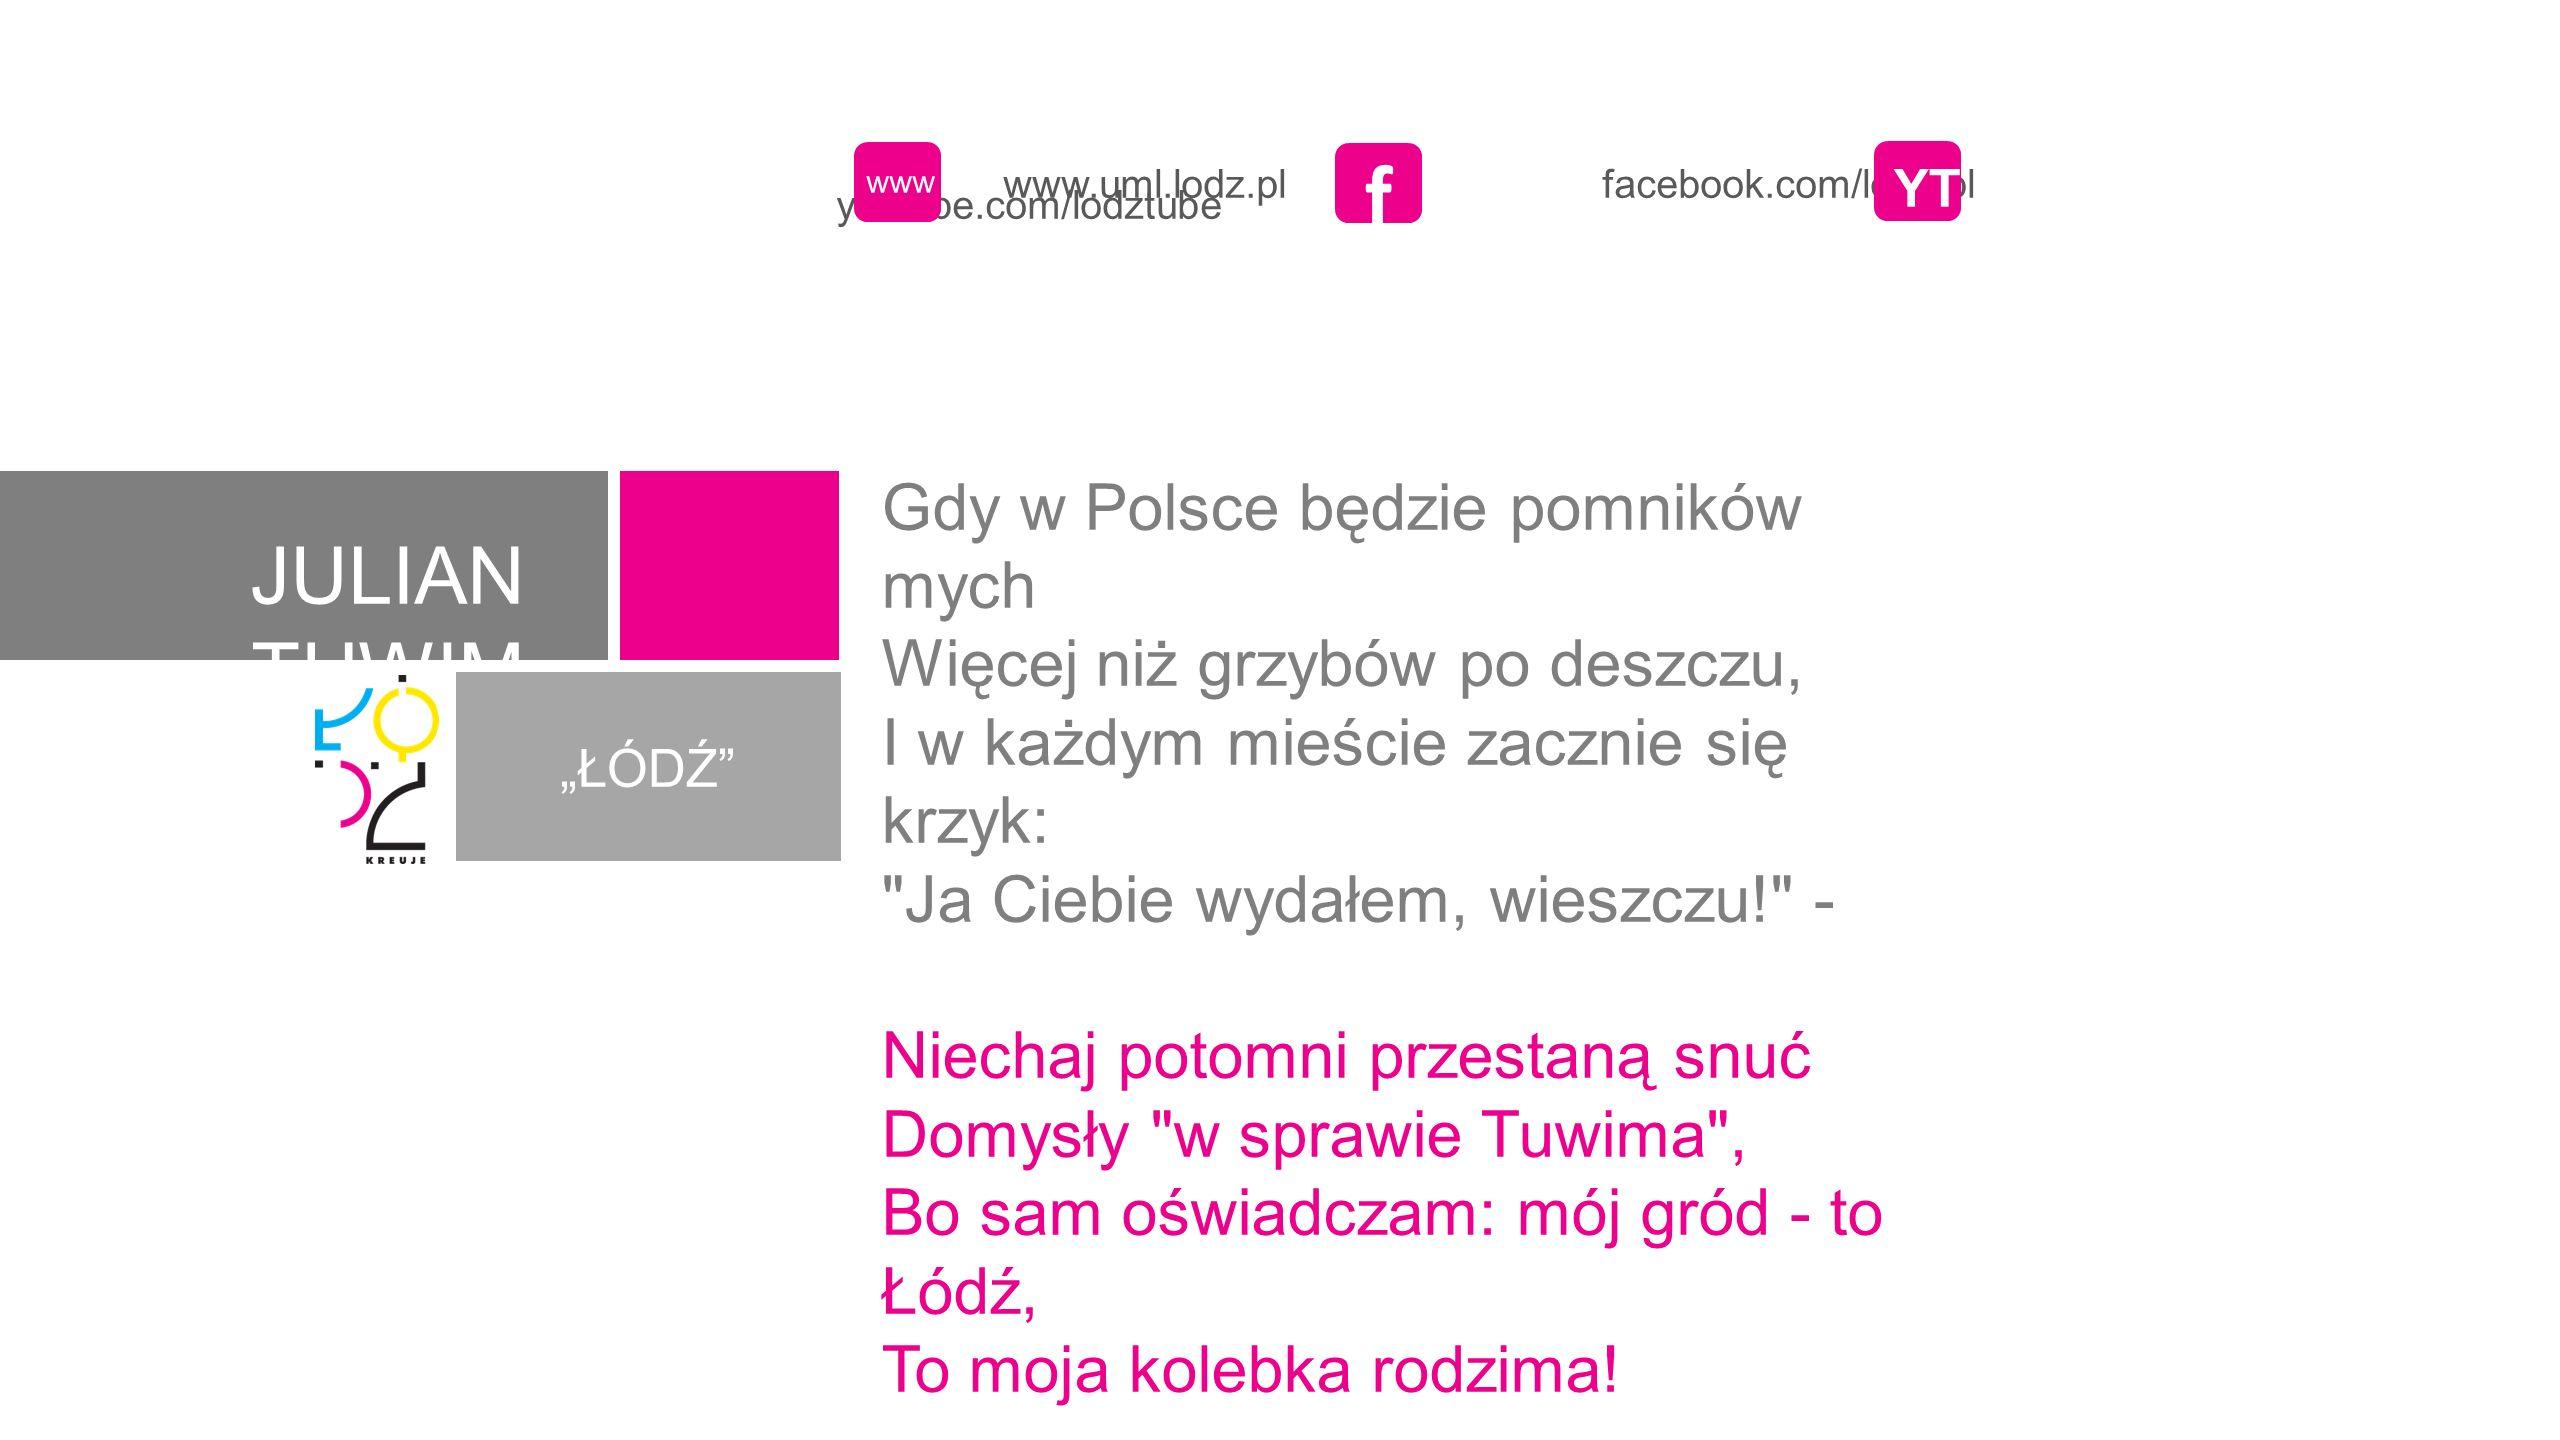 JULIAN TUWIM ŁÓDŹ www.uml.lodz.pl facebook.com/lodz.pl youtube.com/lodztube www f YT Gdy w Polsce będzie pomników mych Więcej niż grzybów po deszczu,